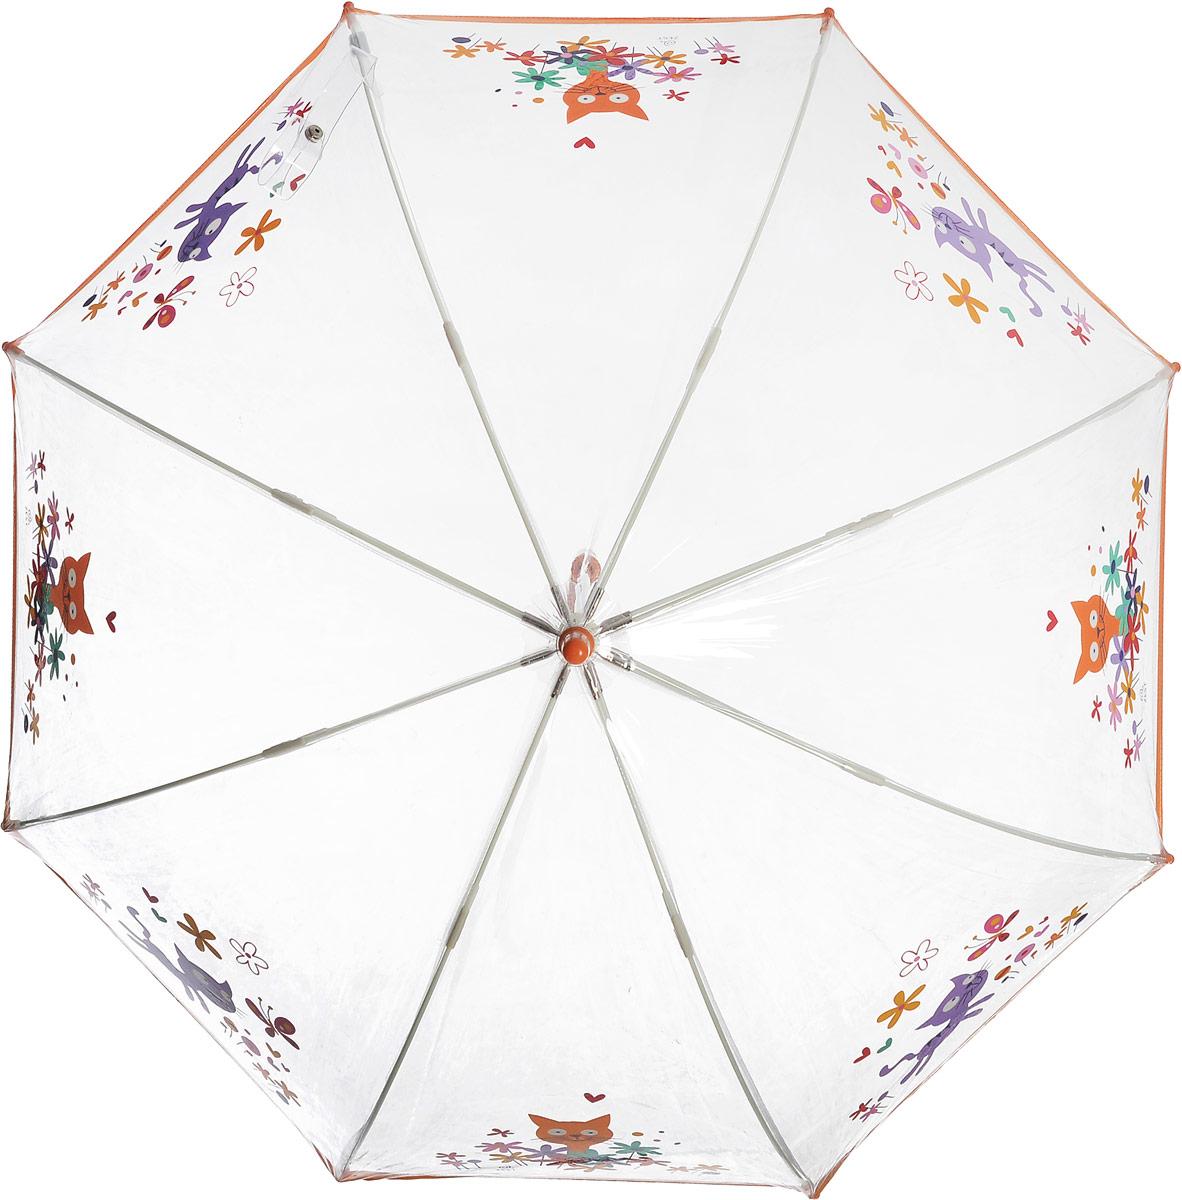 Зонт детский Zest, механический, трость, цвет: прозрачный, оранжевый. 51510-0151510-01Чудесный прозрачный зонтик с изображением красочного рисунка на прозрачном куполе. Эта очень позитивная, прочная в применении модель обязательно понравится Вашему ребенку.